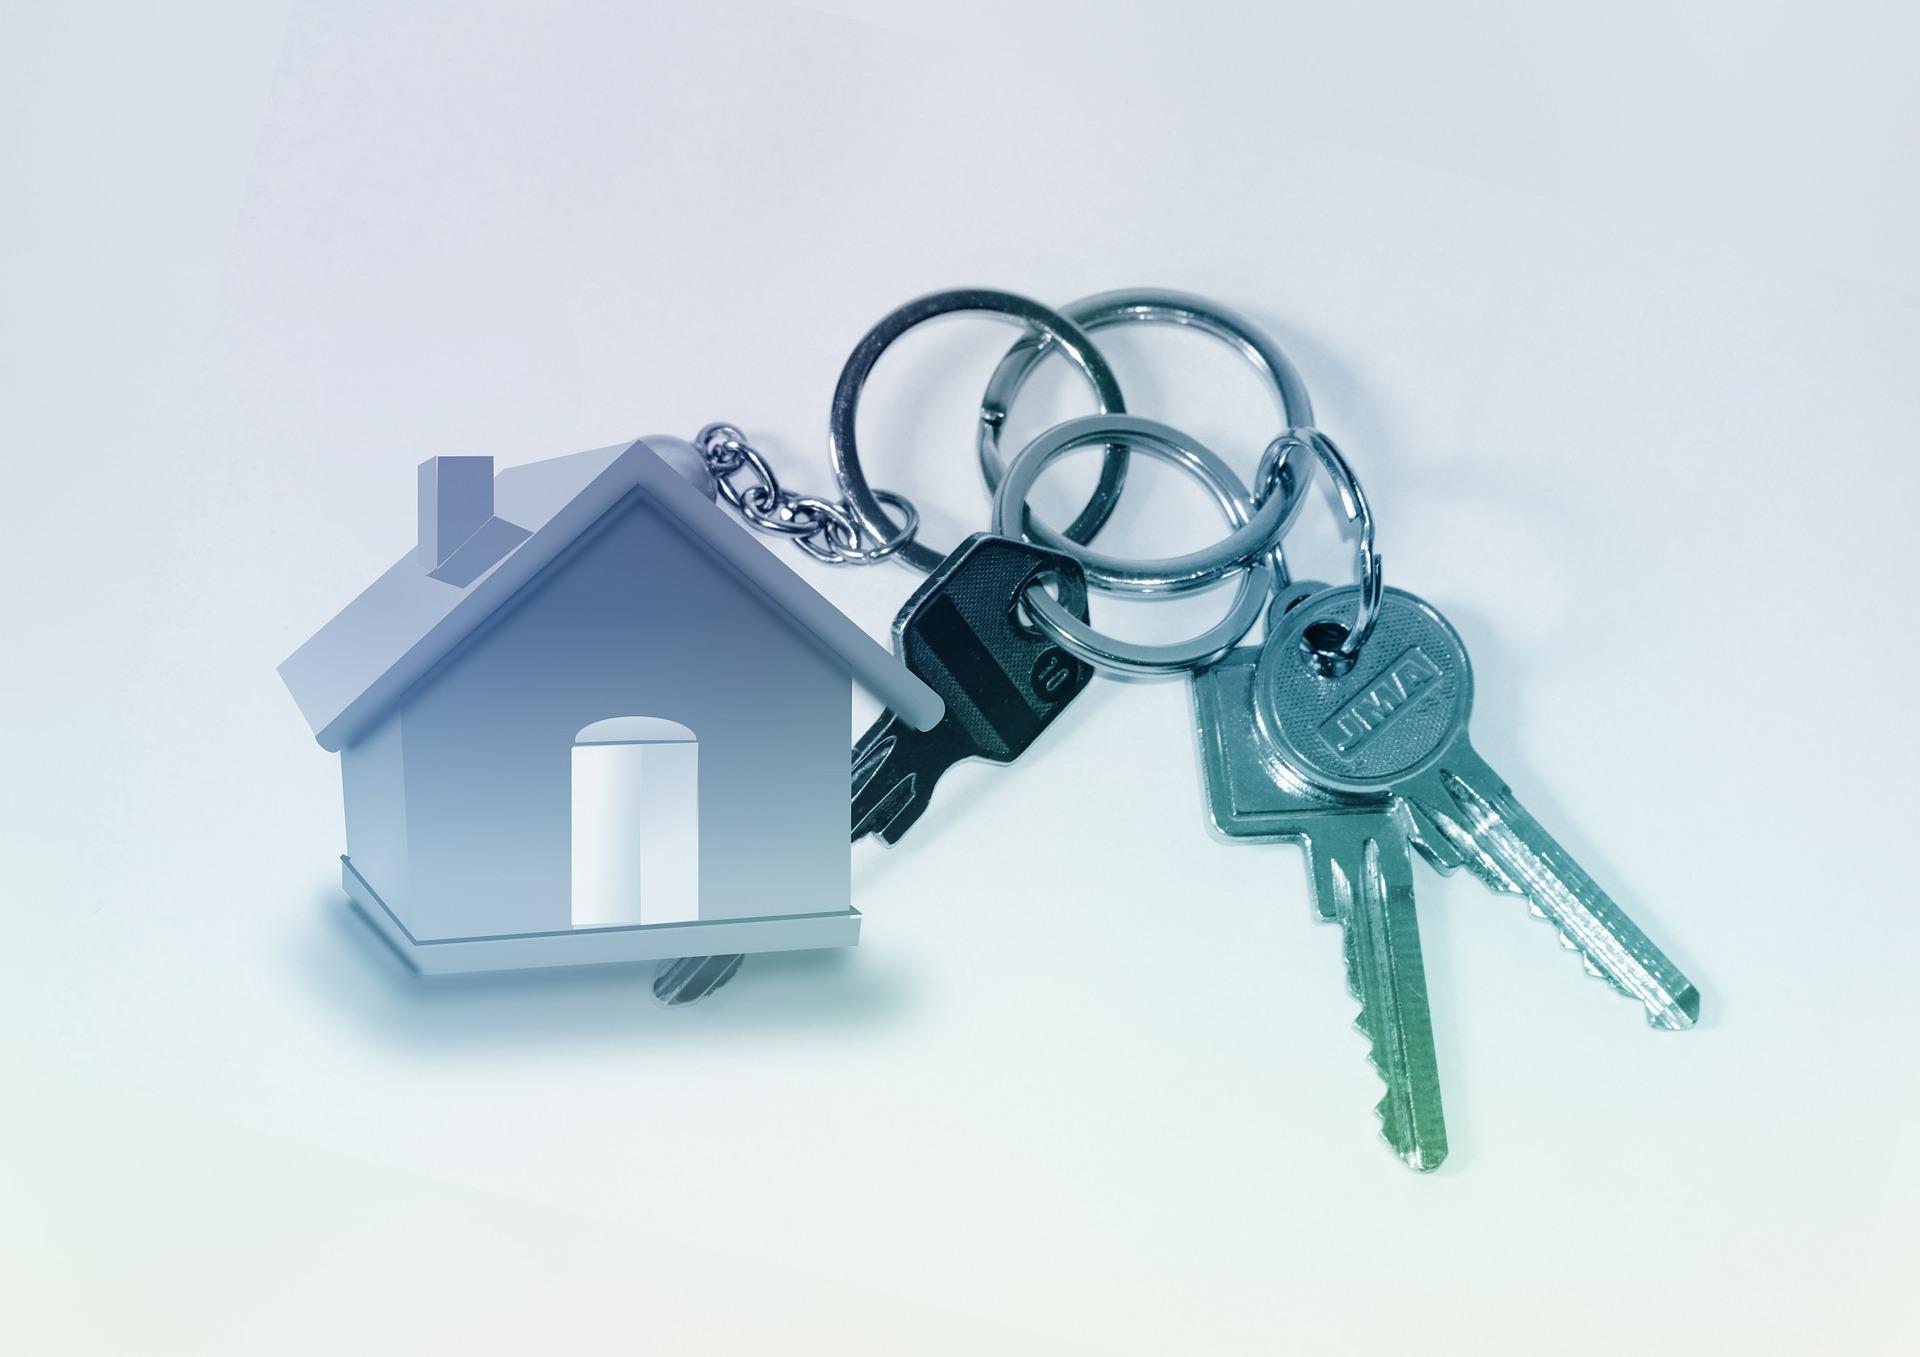 Hindari Hal Berikut Agar Nilai Appraisal Rumah Anda Tidak Rendah, Dan Cara Menaikkan Appraisal Untuk Pembiayaan